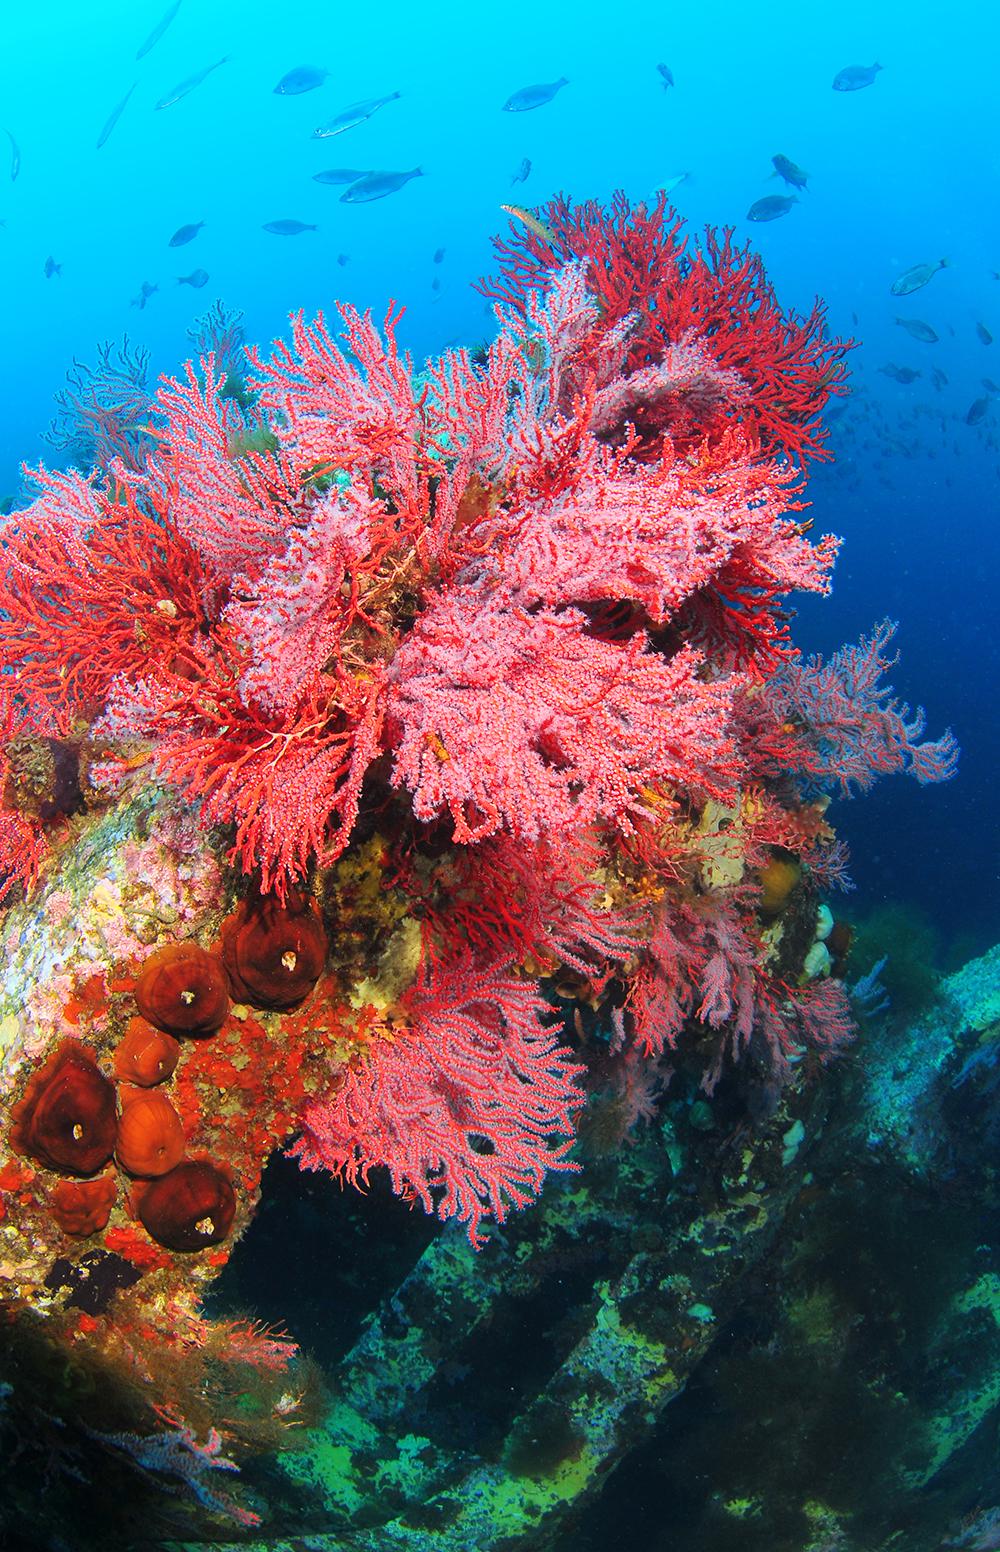 인공어초 포인트에 핀 부채뿔 적산호. [중앙포토]